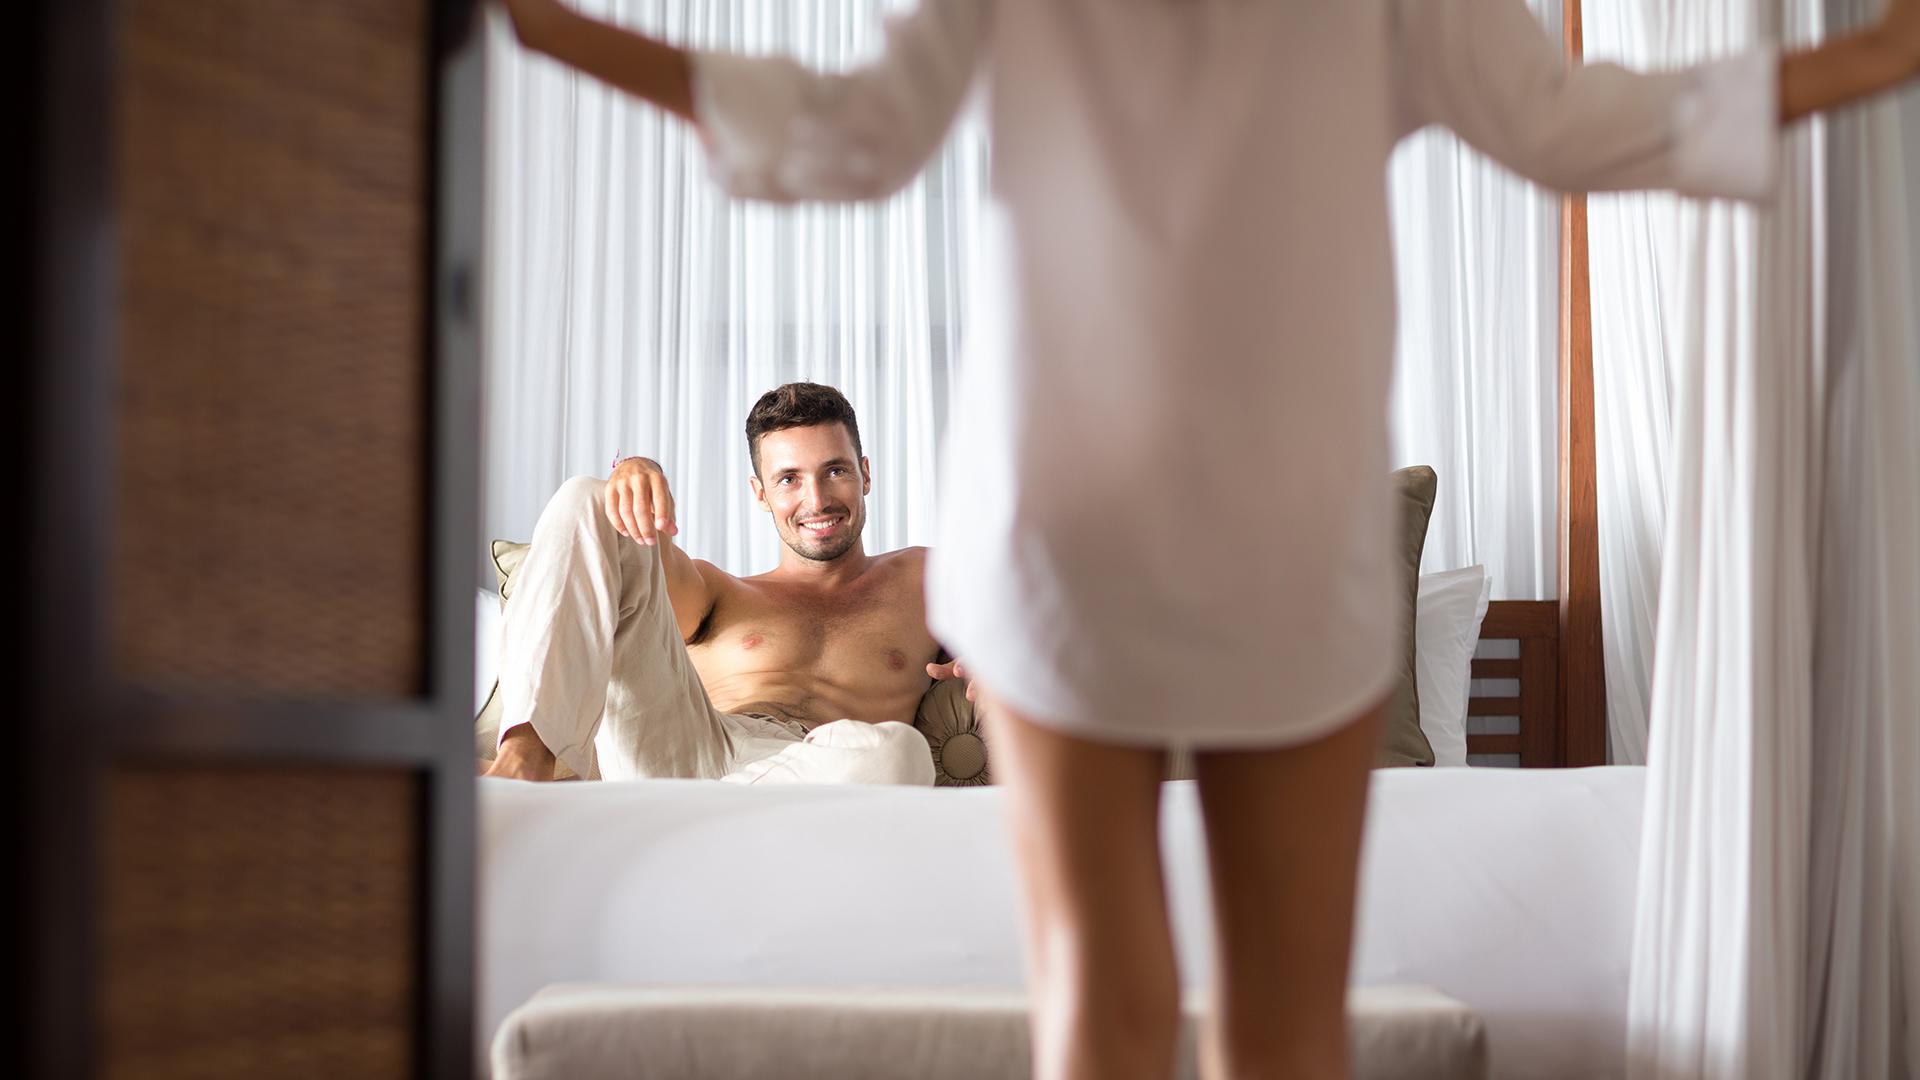 La técnica milenaria conocida como Kung Fu vaginal potencia la sexualidad femenina y masculina brindando placer mutuo más allá de la penetración tradicional (iStock)